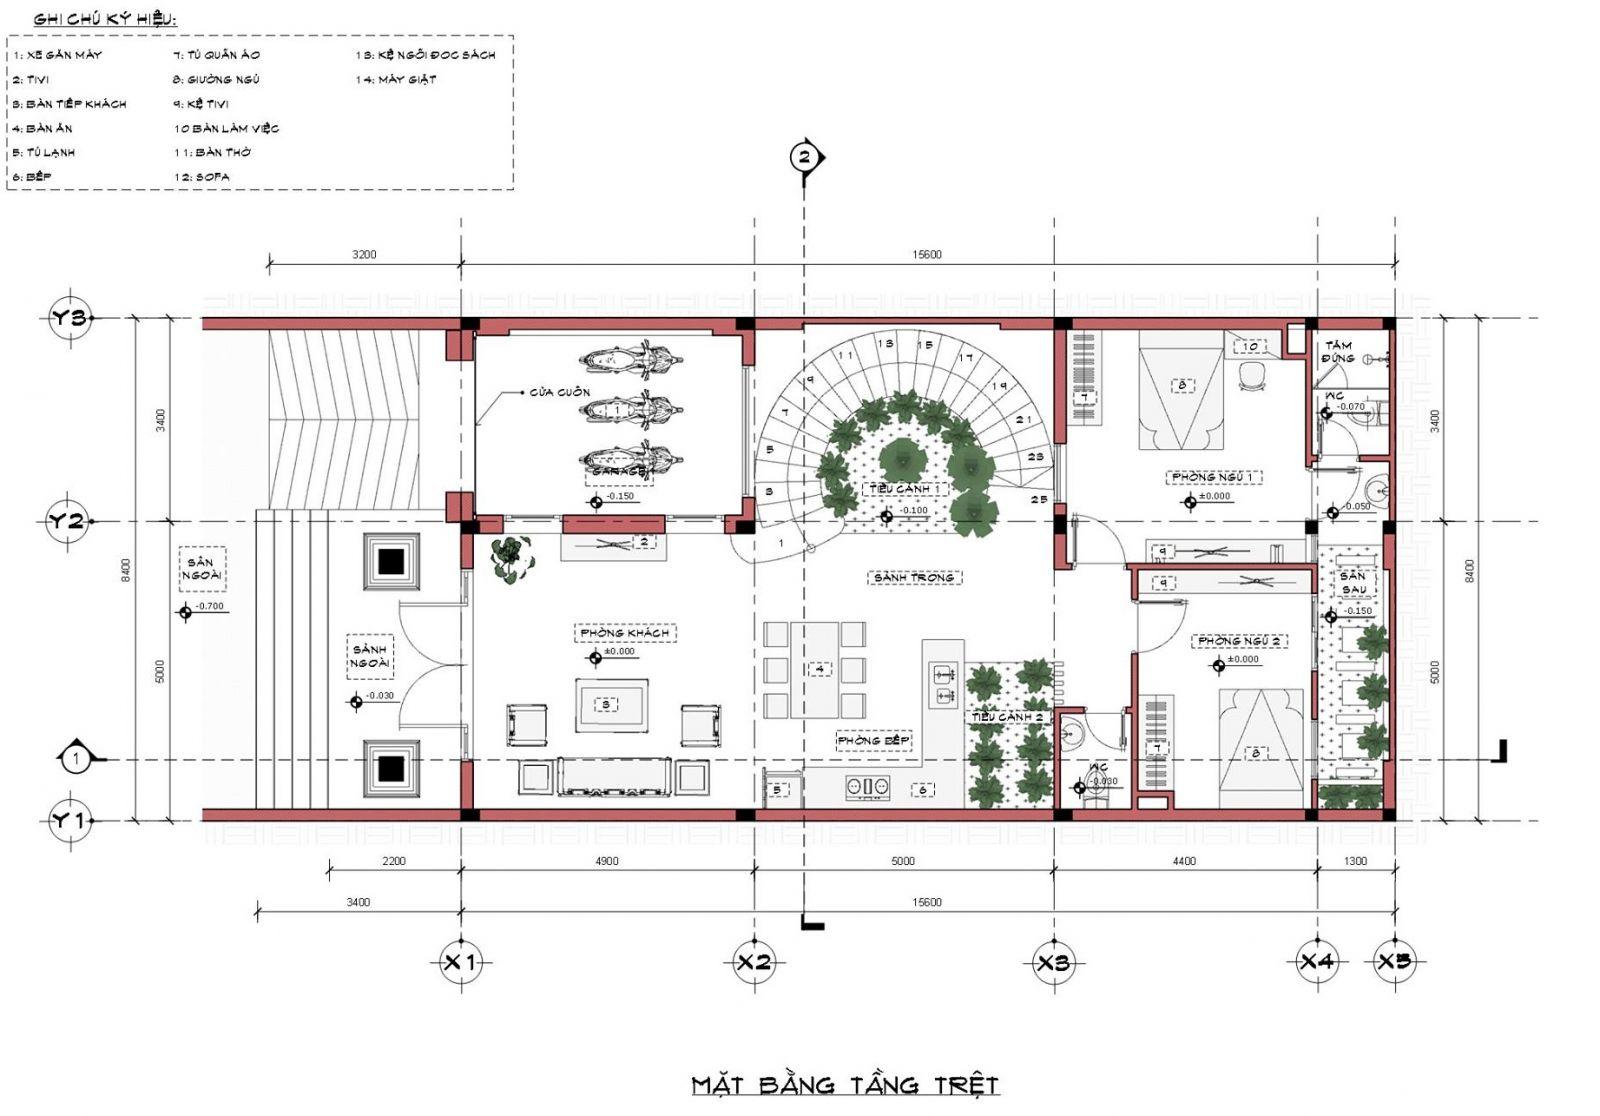 Mặt bằng tầng 1 nhà mặt phố mái thái 2 tầng